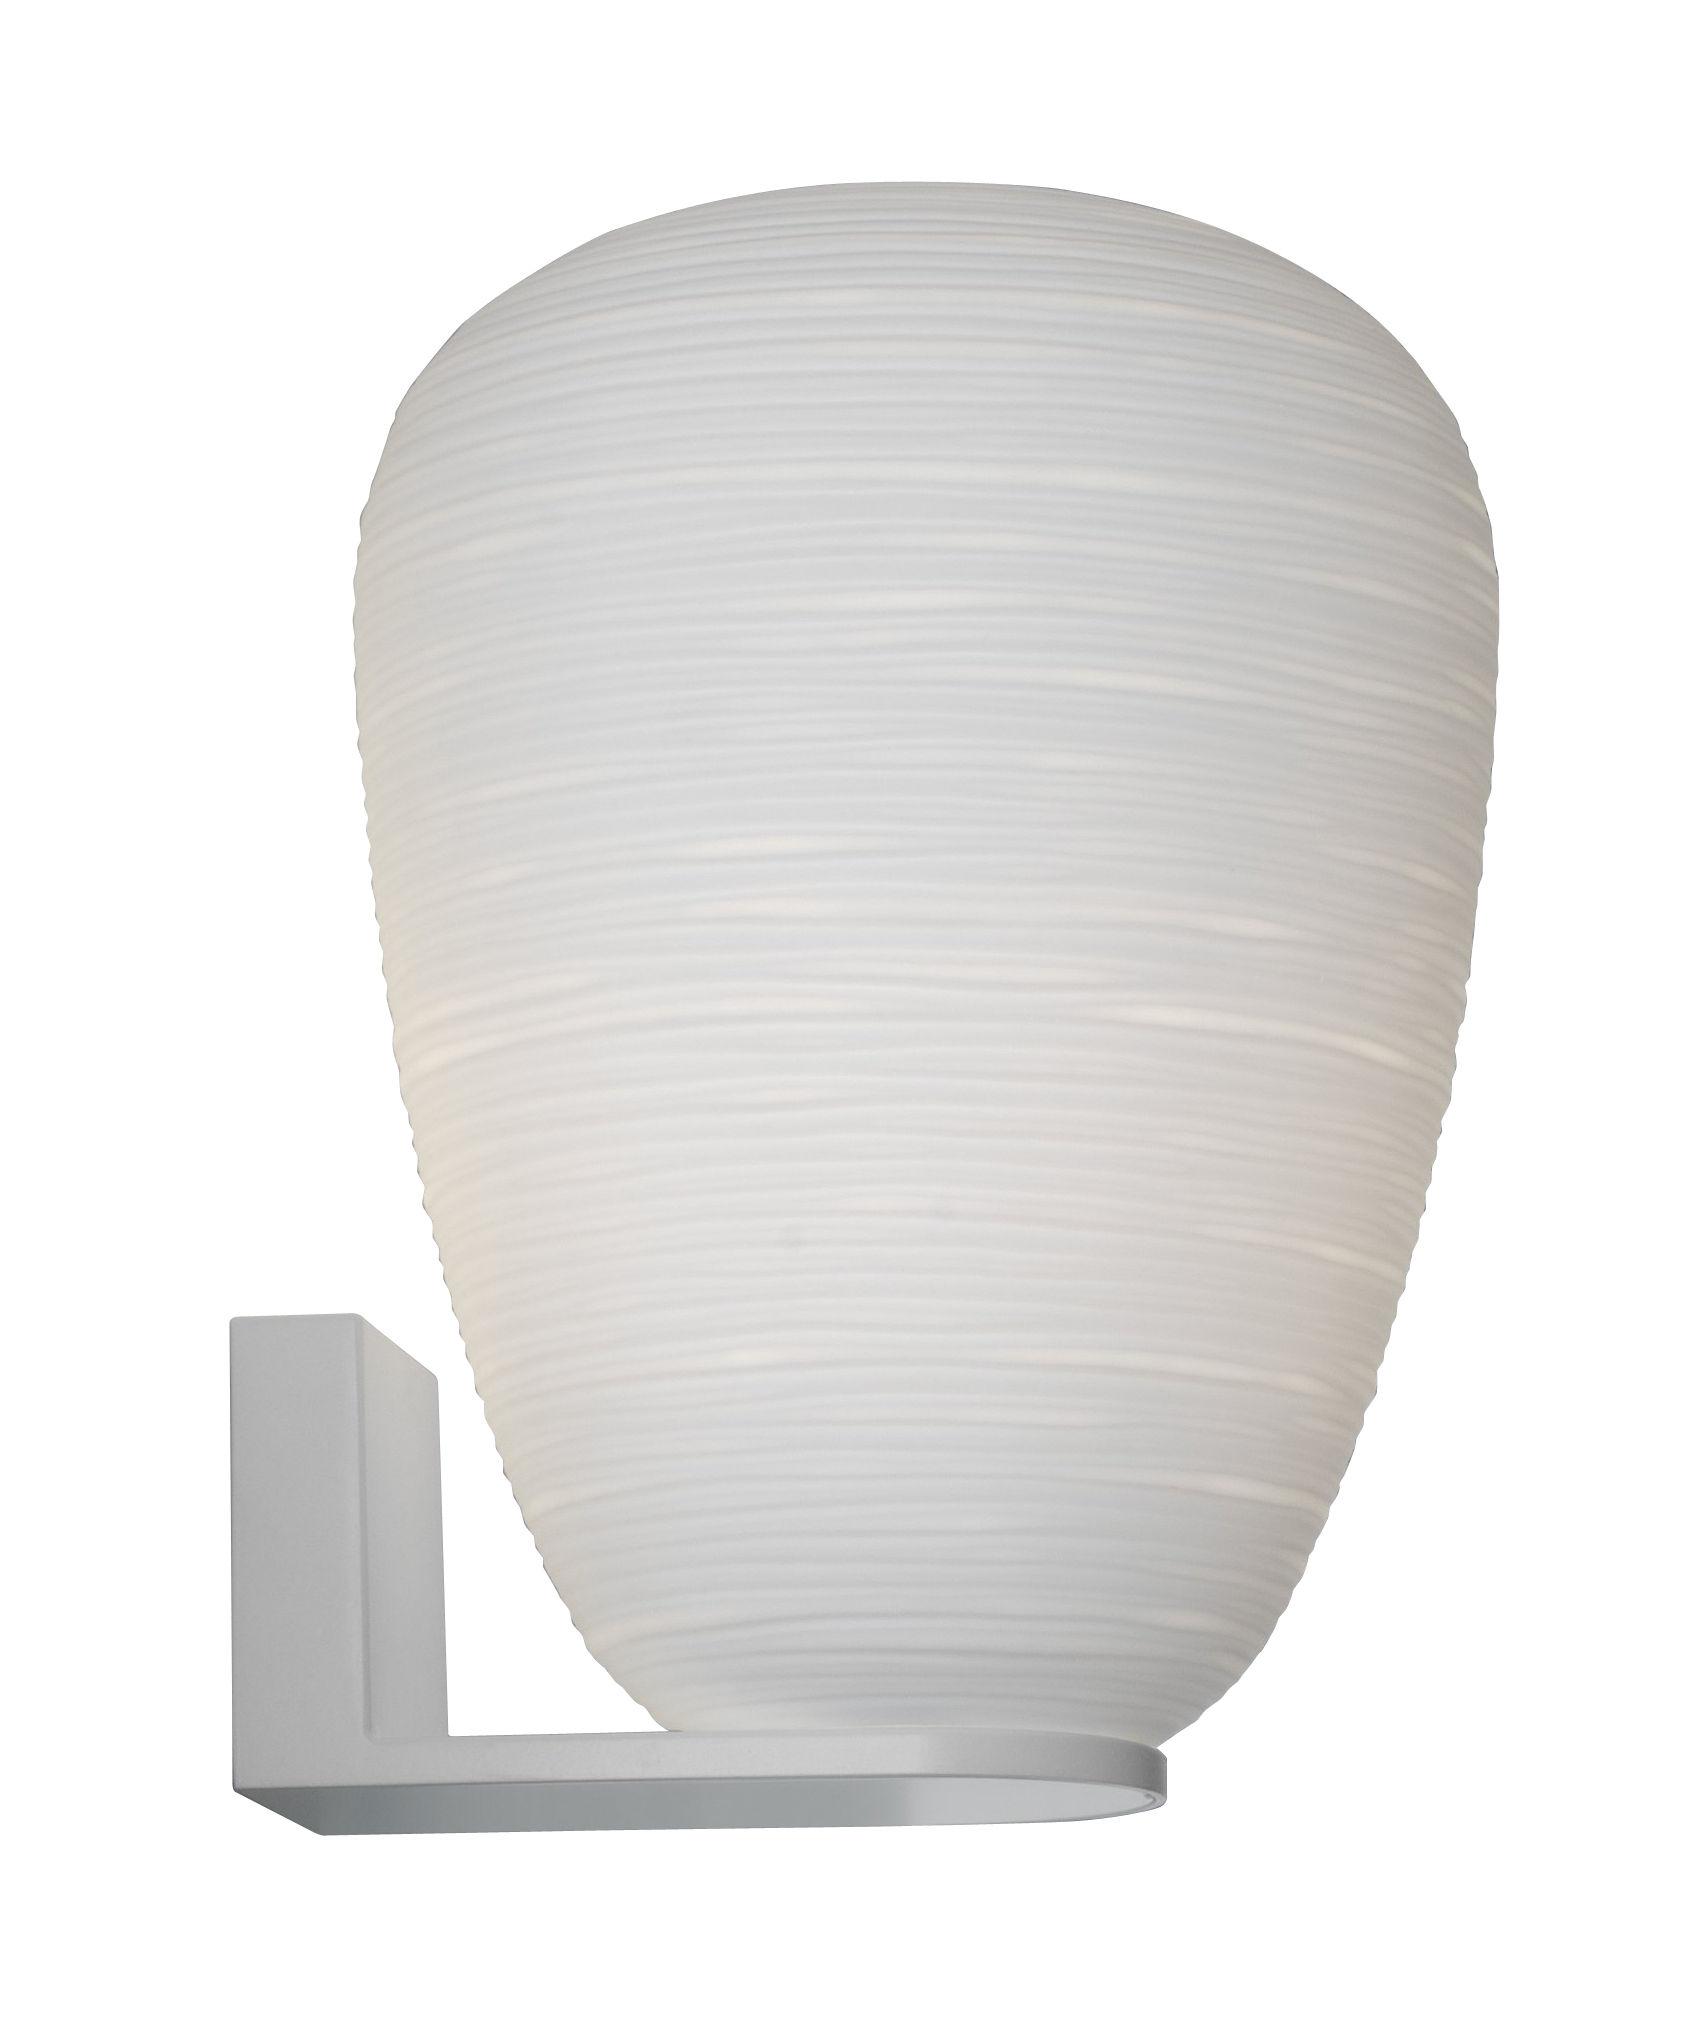 Luminaire - Appliques - Applique Rituals 1 / Ø 24 x H 34 cm - Foscarini - H 34 cm / Blanc - Métal laqué, Verre soufflé bouche